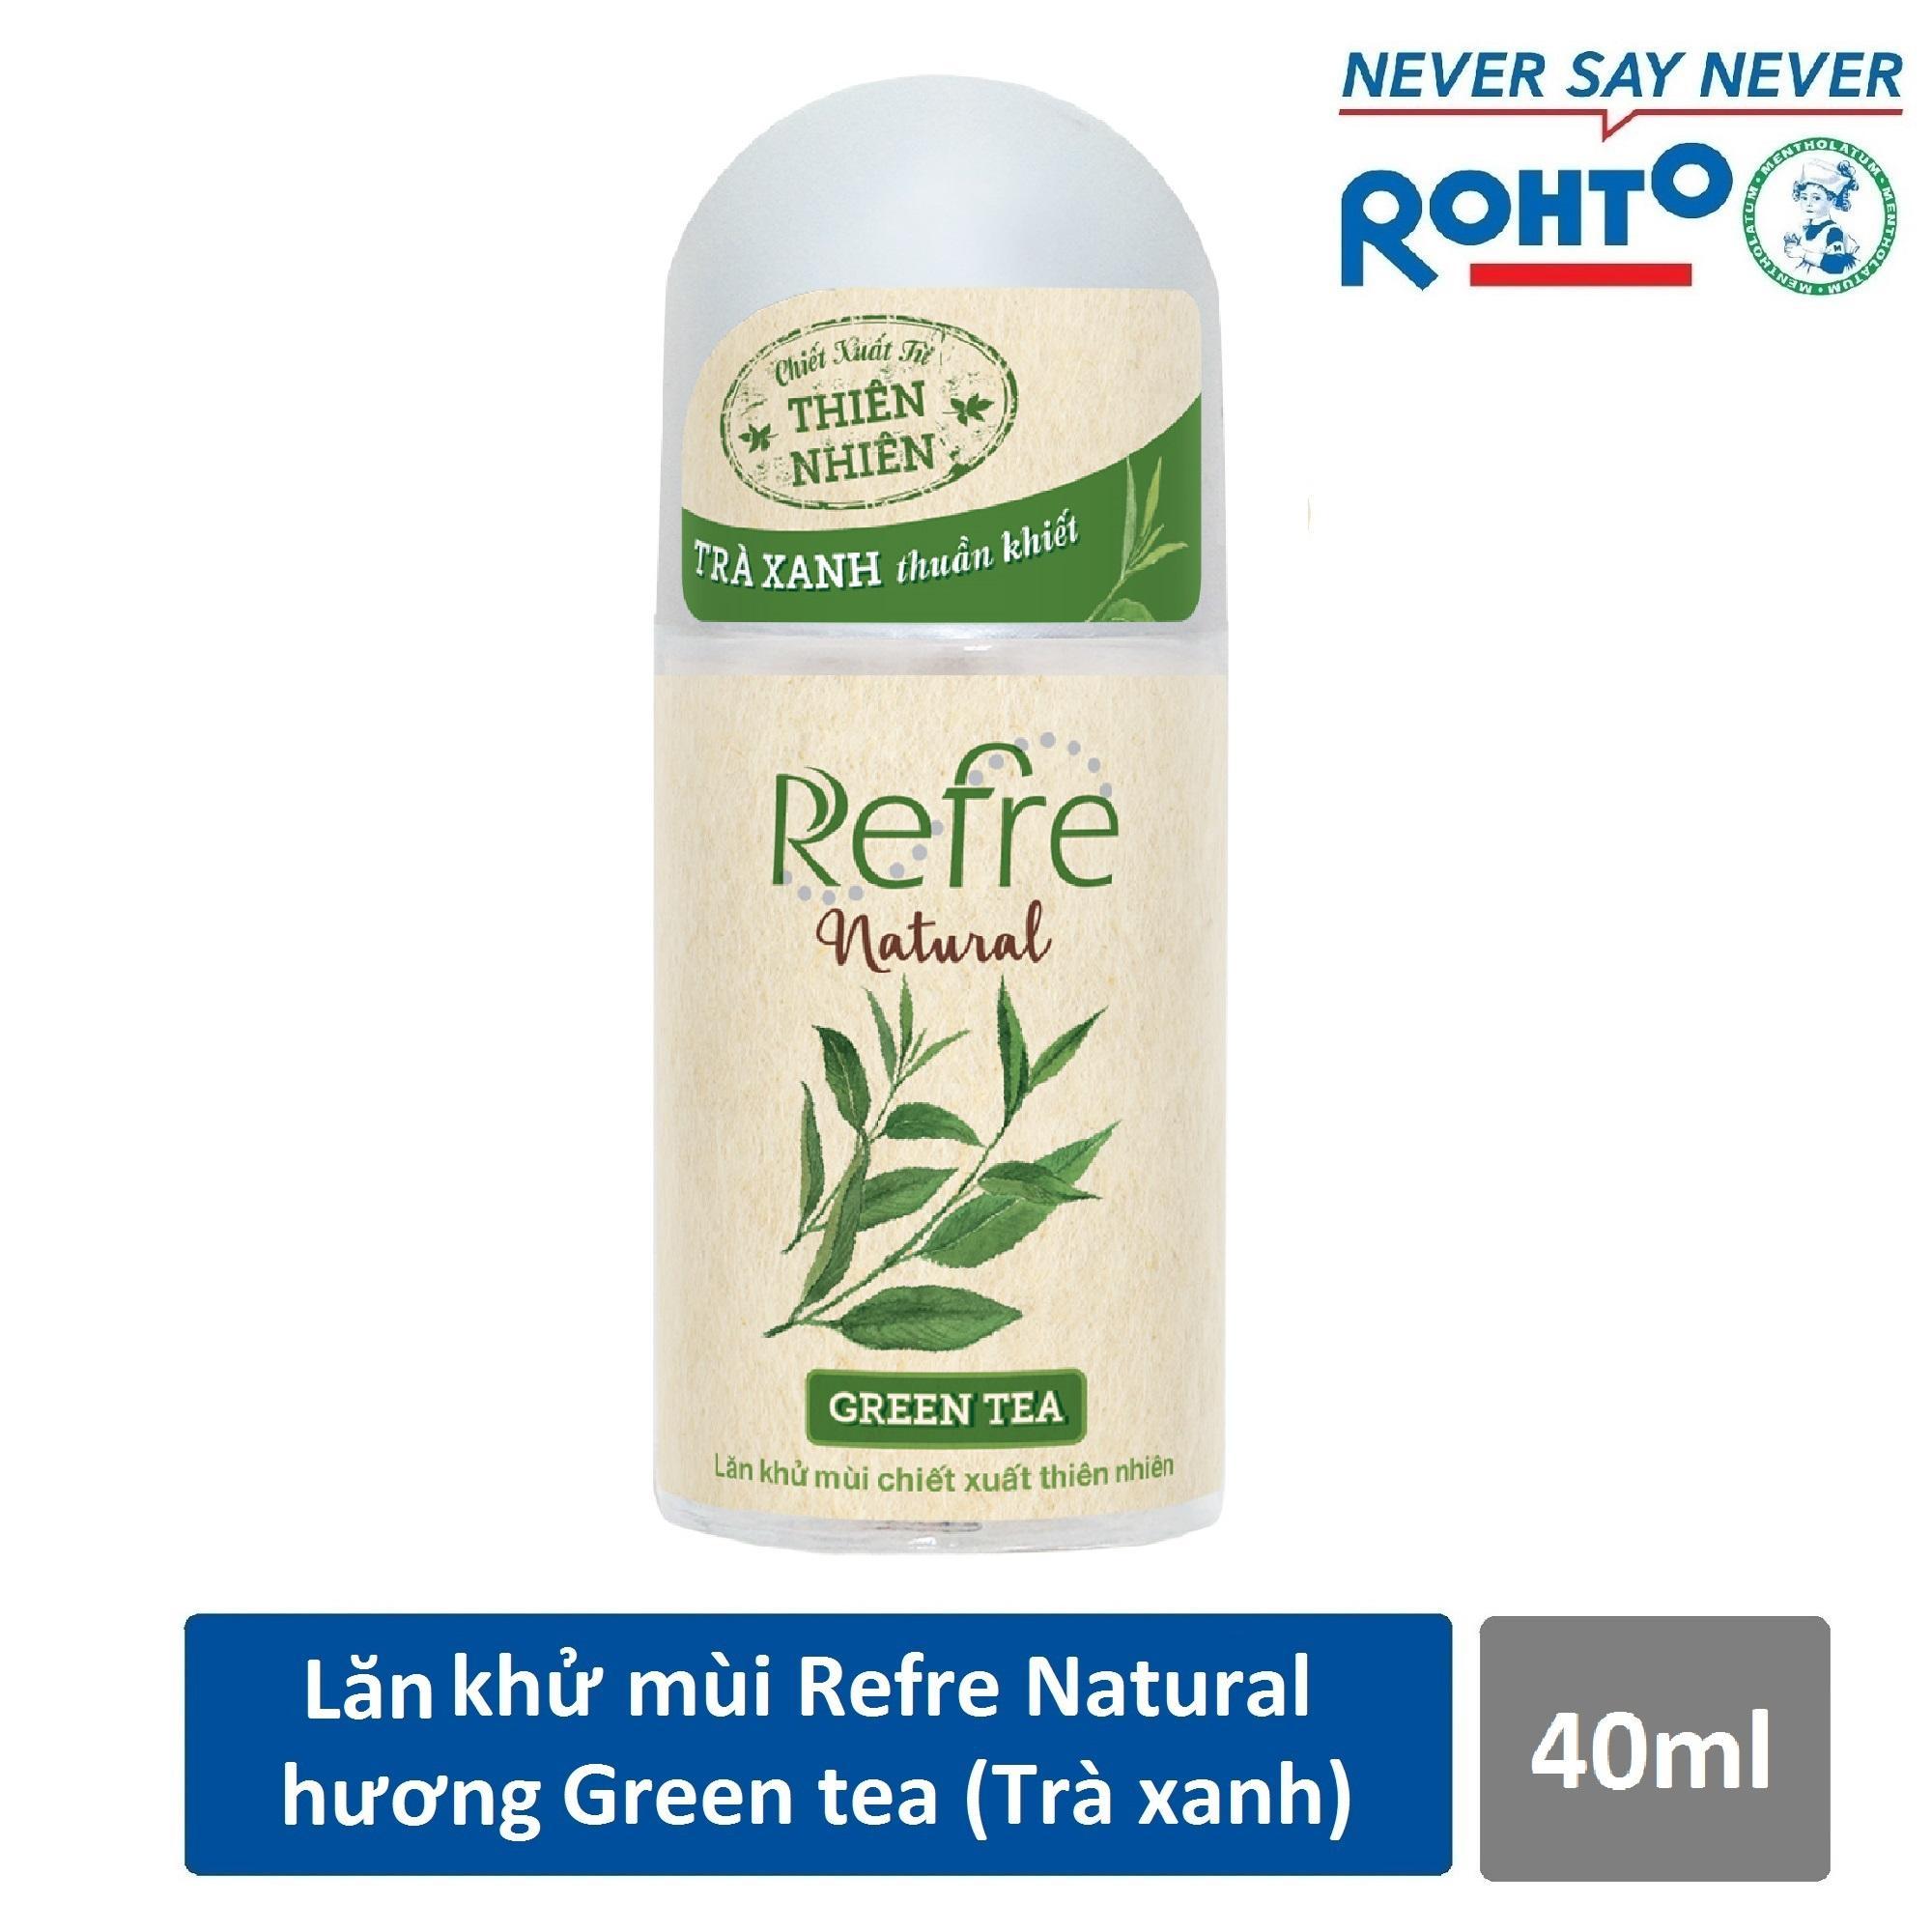 Lăn khử mùi Refre Natural Green Tea Hương Trà Xanh 40ml nhập khẩu